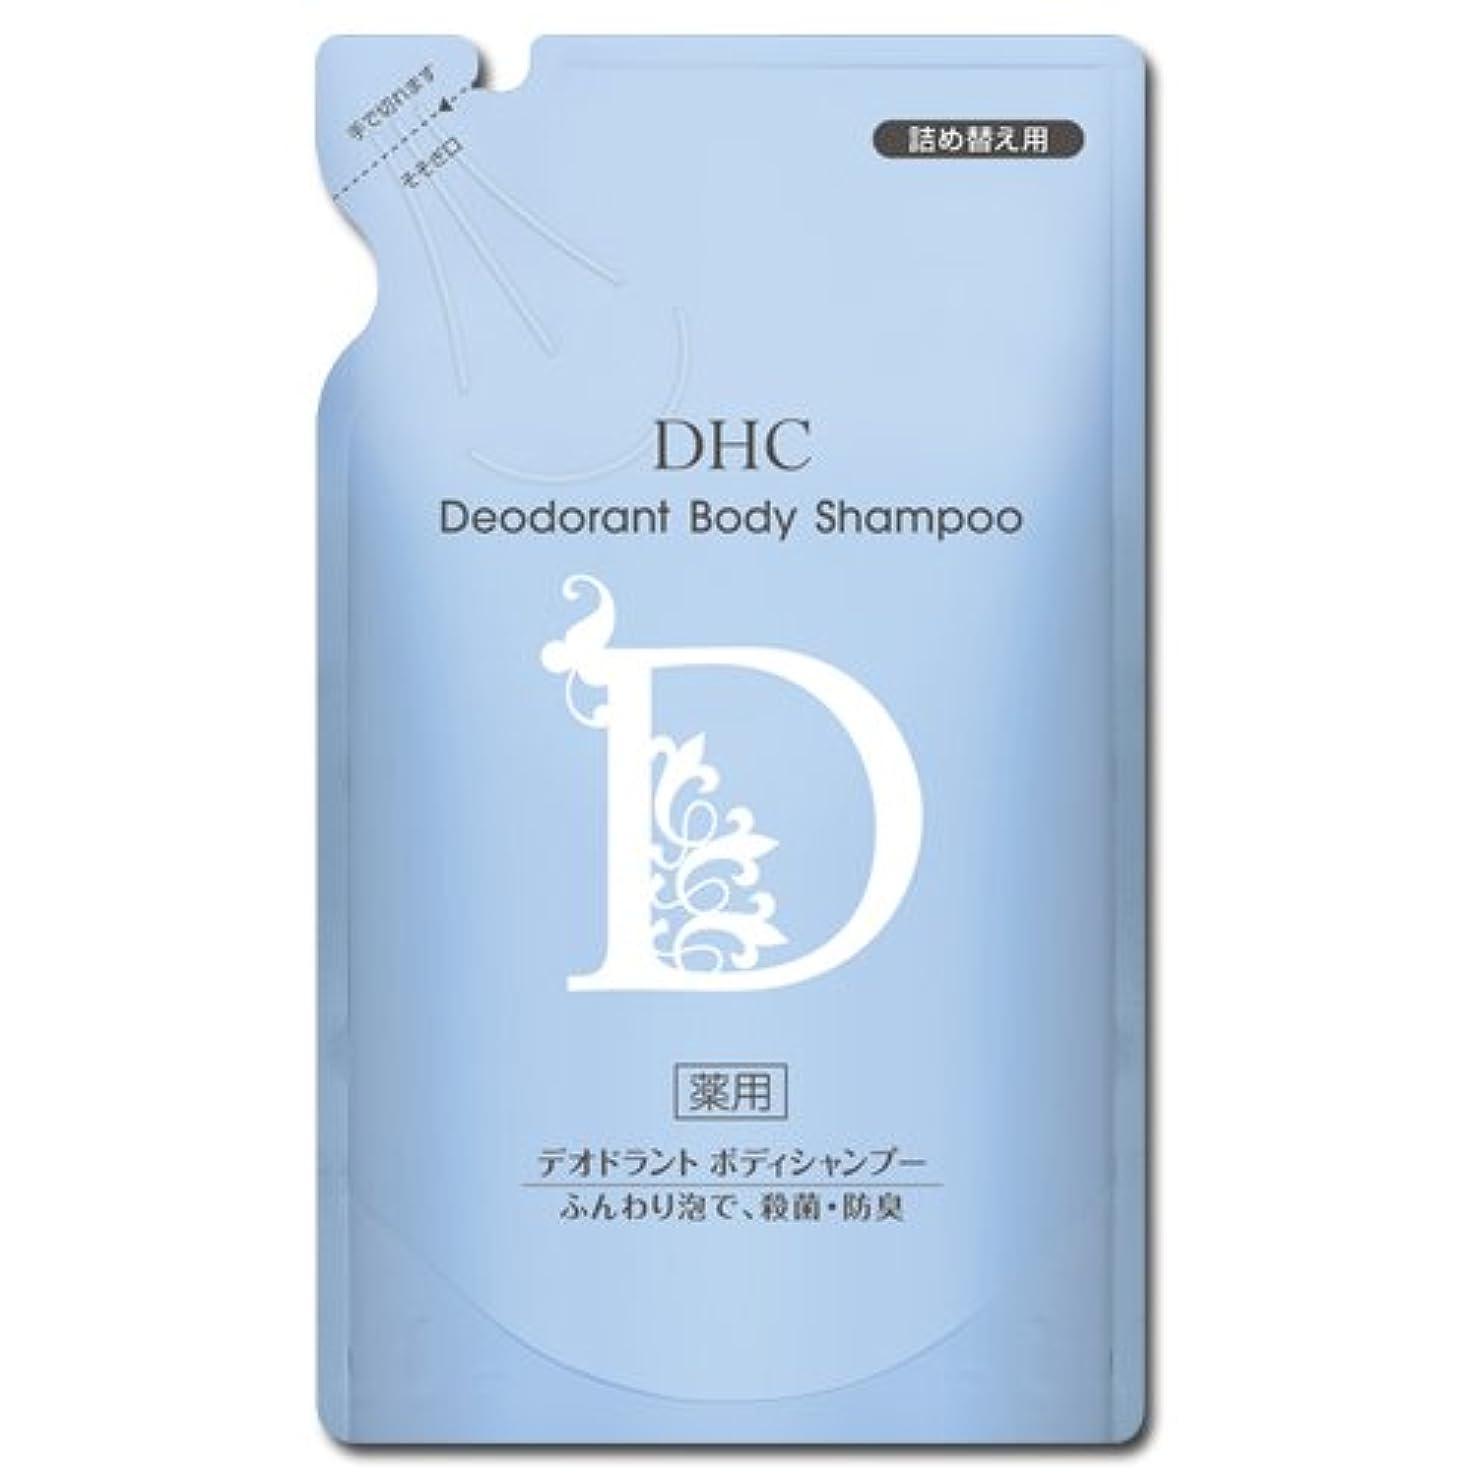 禁止する火傷立法【医薬部外品】DHC薬用デオドラント ボディシャンプー 詰め替え用